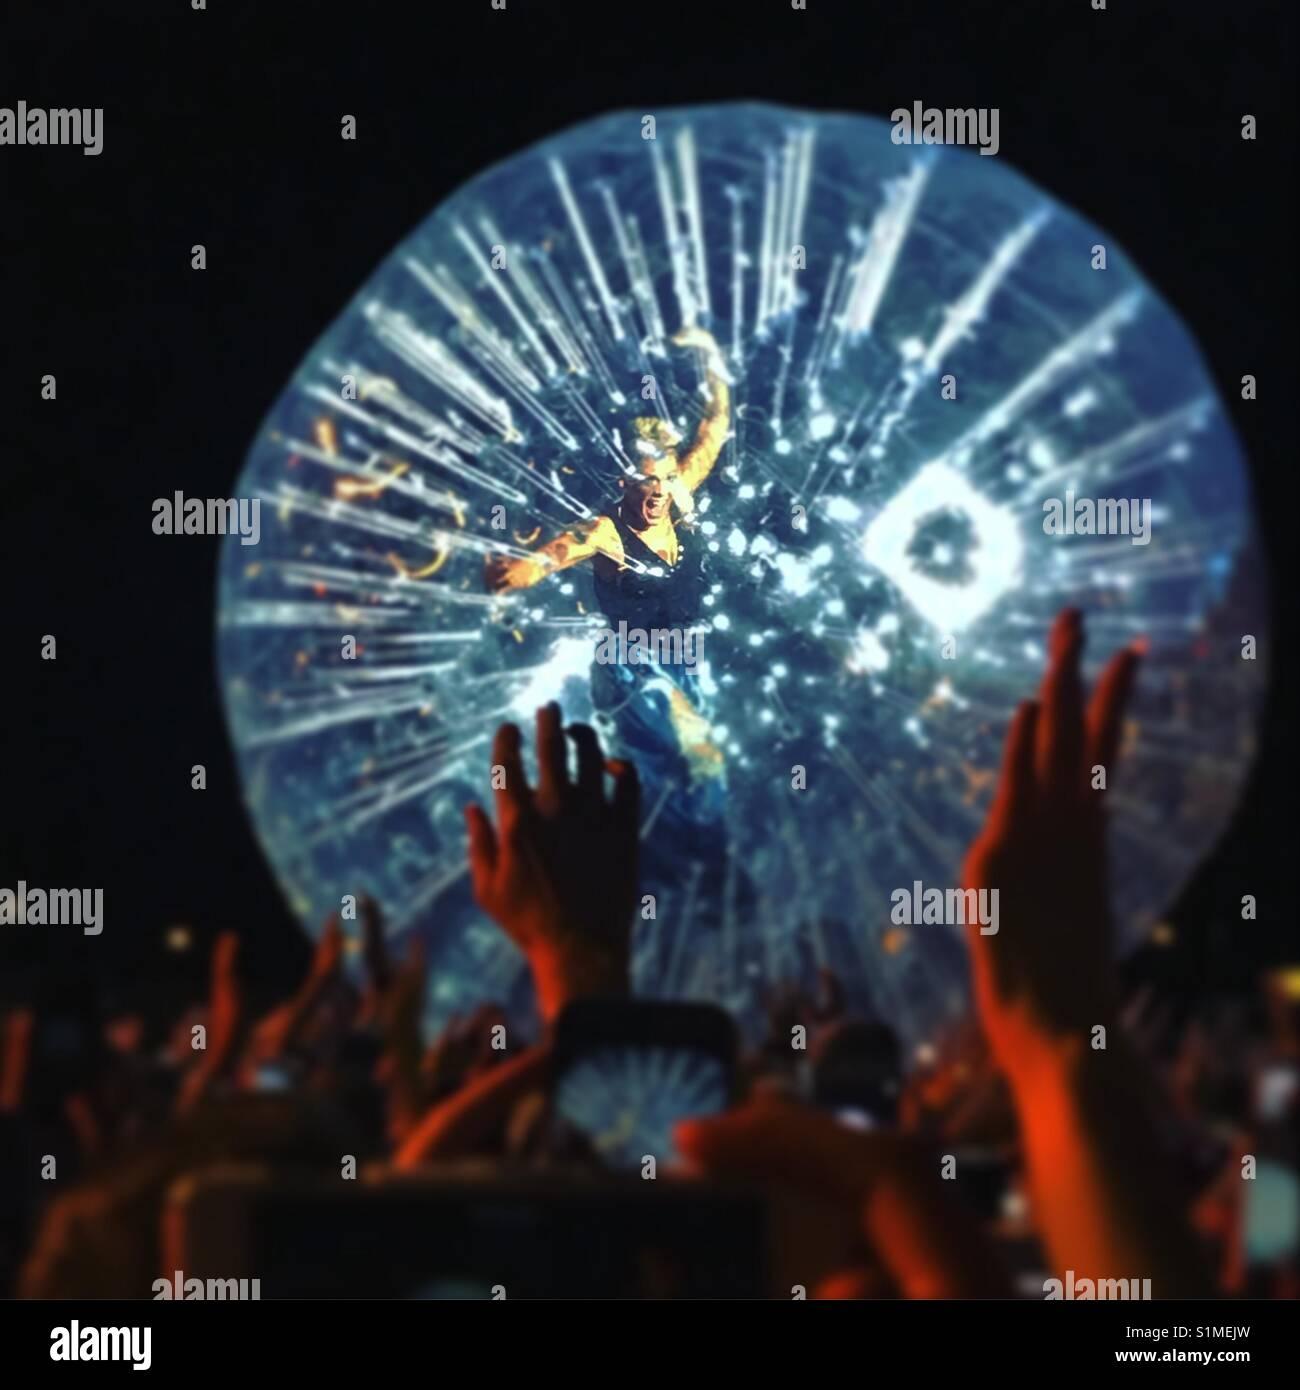 P!nk, chanteur emblématique dans un bal à zorb Chelmsford V Festival, 2017. Banque D'Images